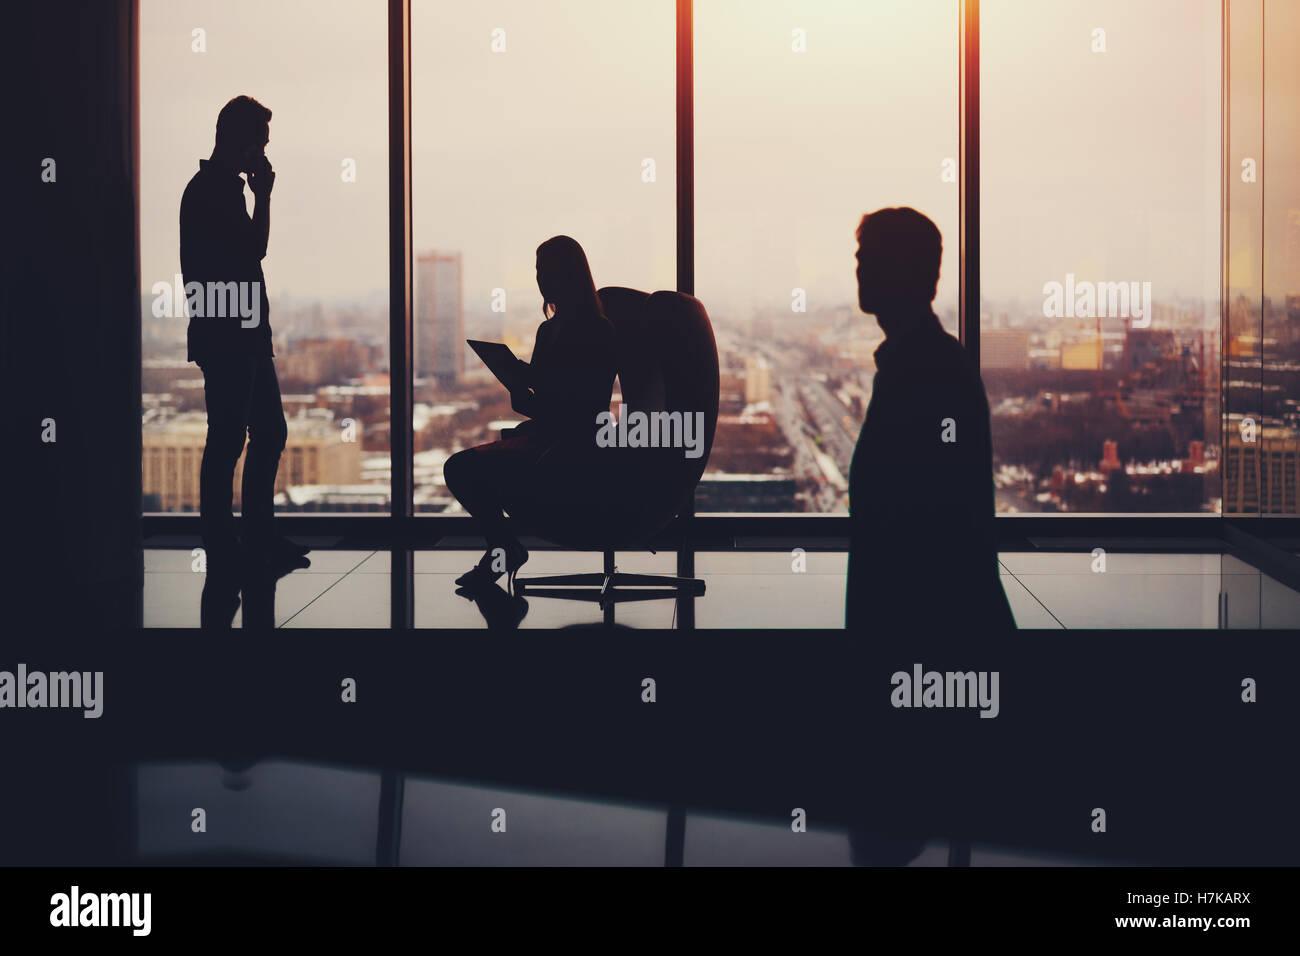 Silhouetten von Geschäftsleuten: Geschäftsmann mit Geschäftsfrau warten auf ihren dritten Kollegen Stockbild